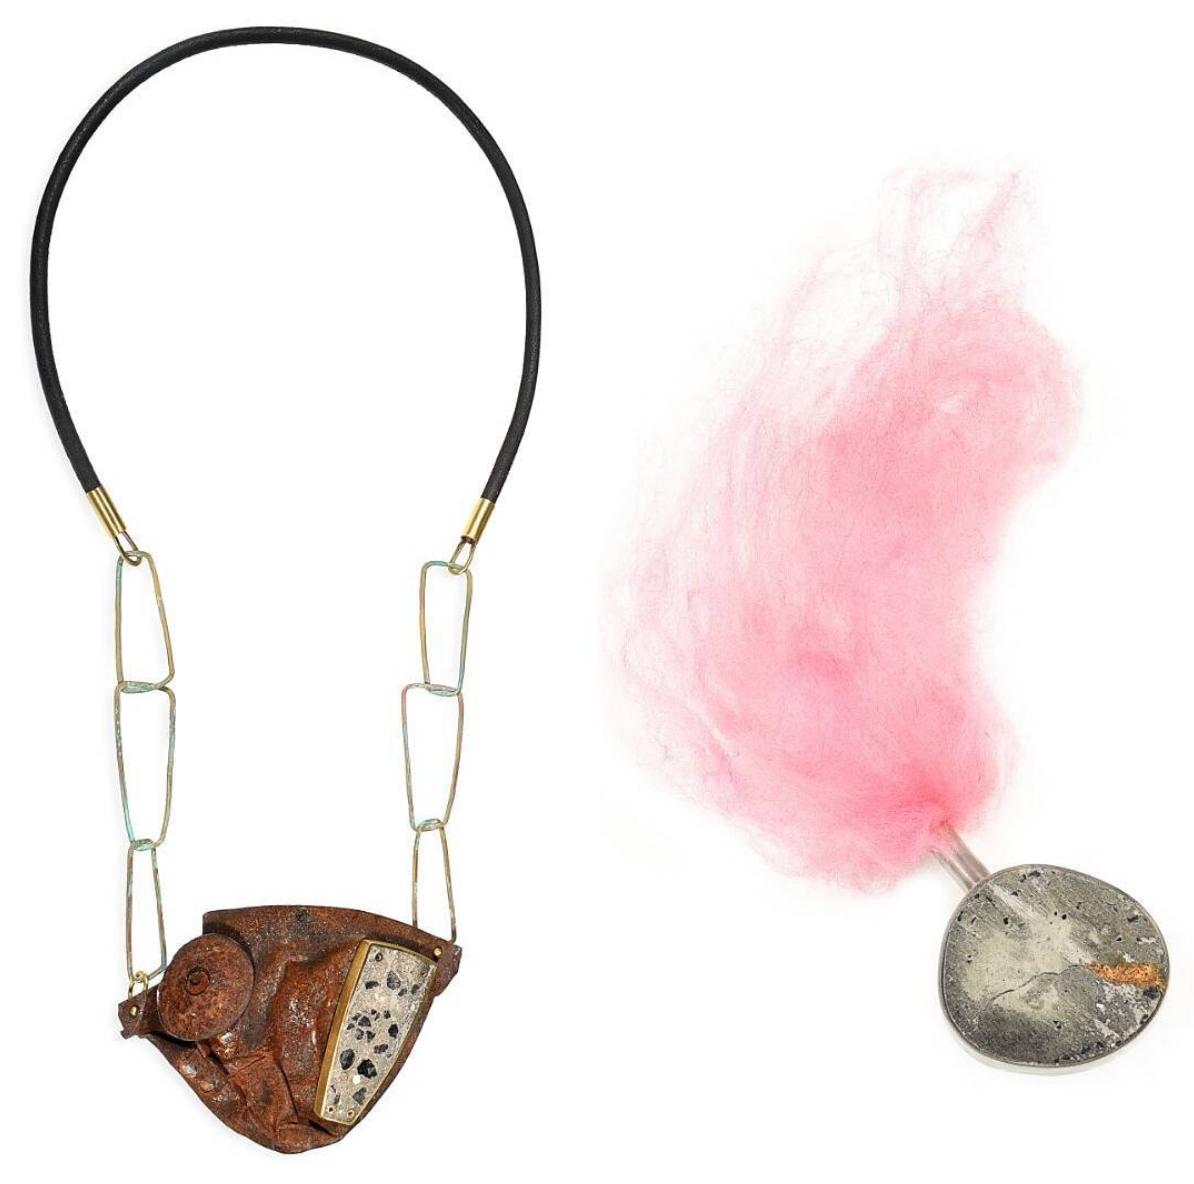 Shrapnel necklace + Versus brooch